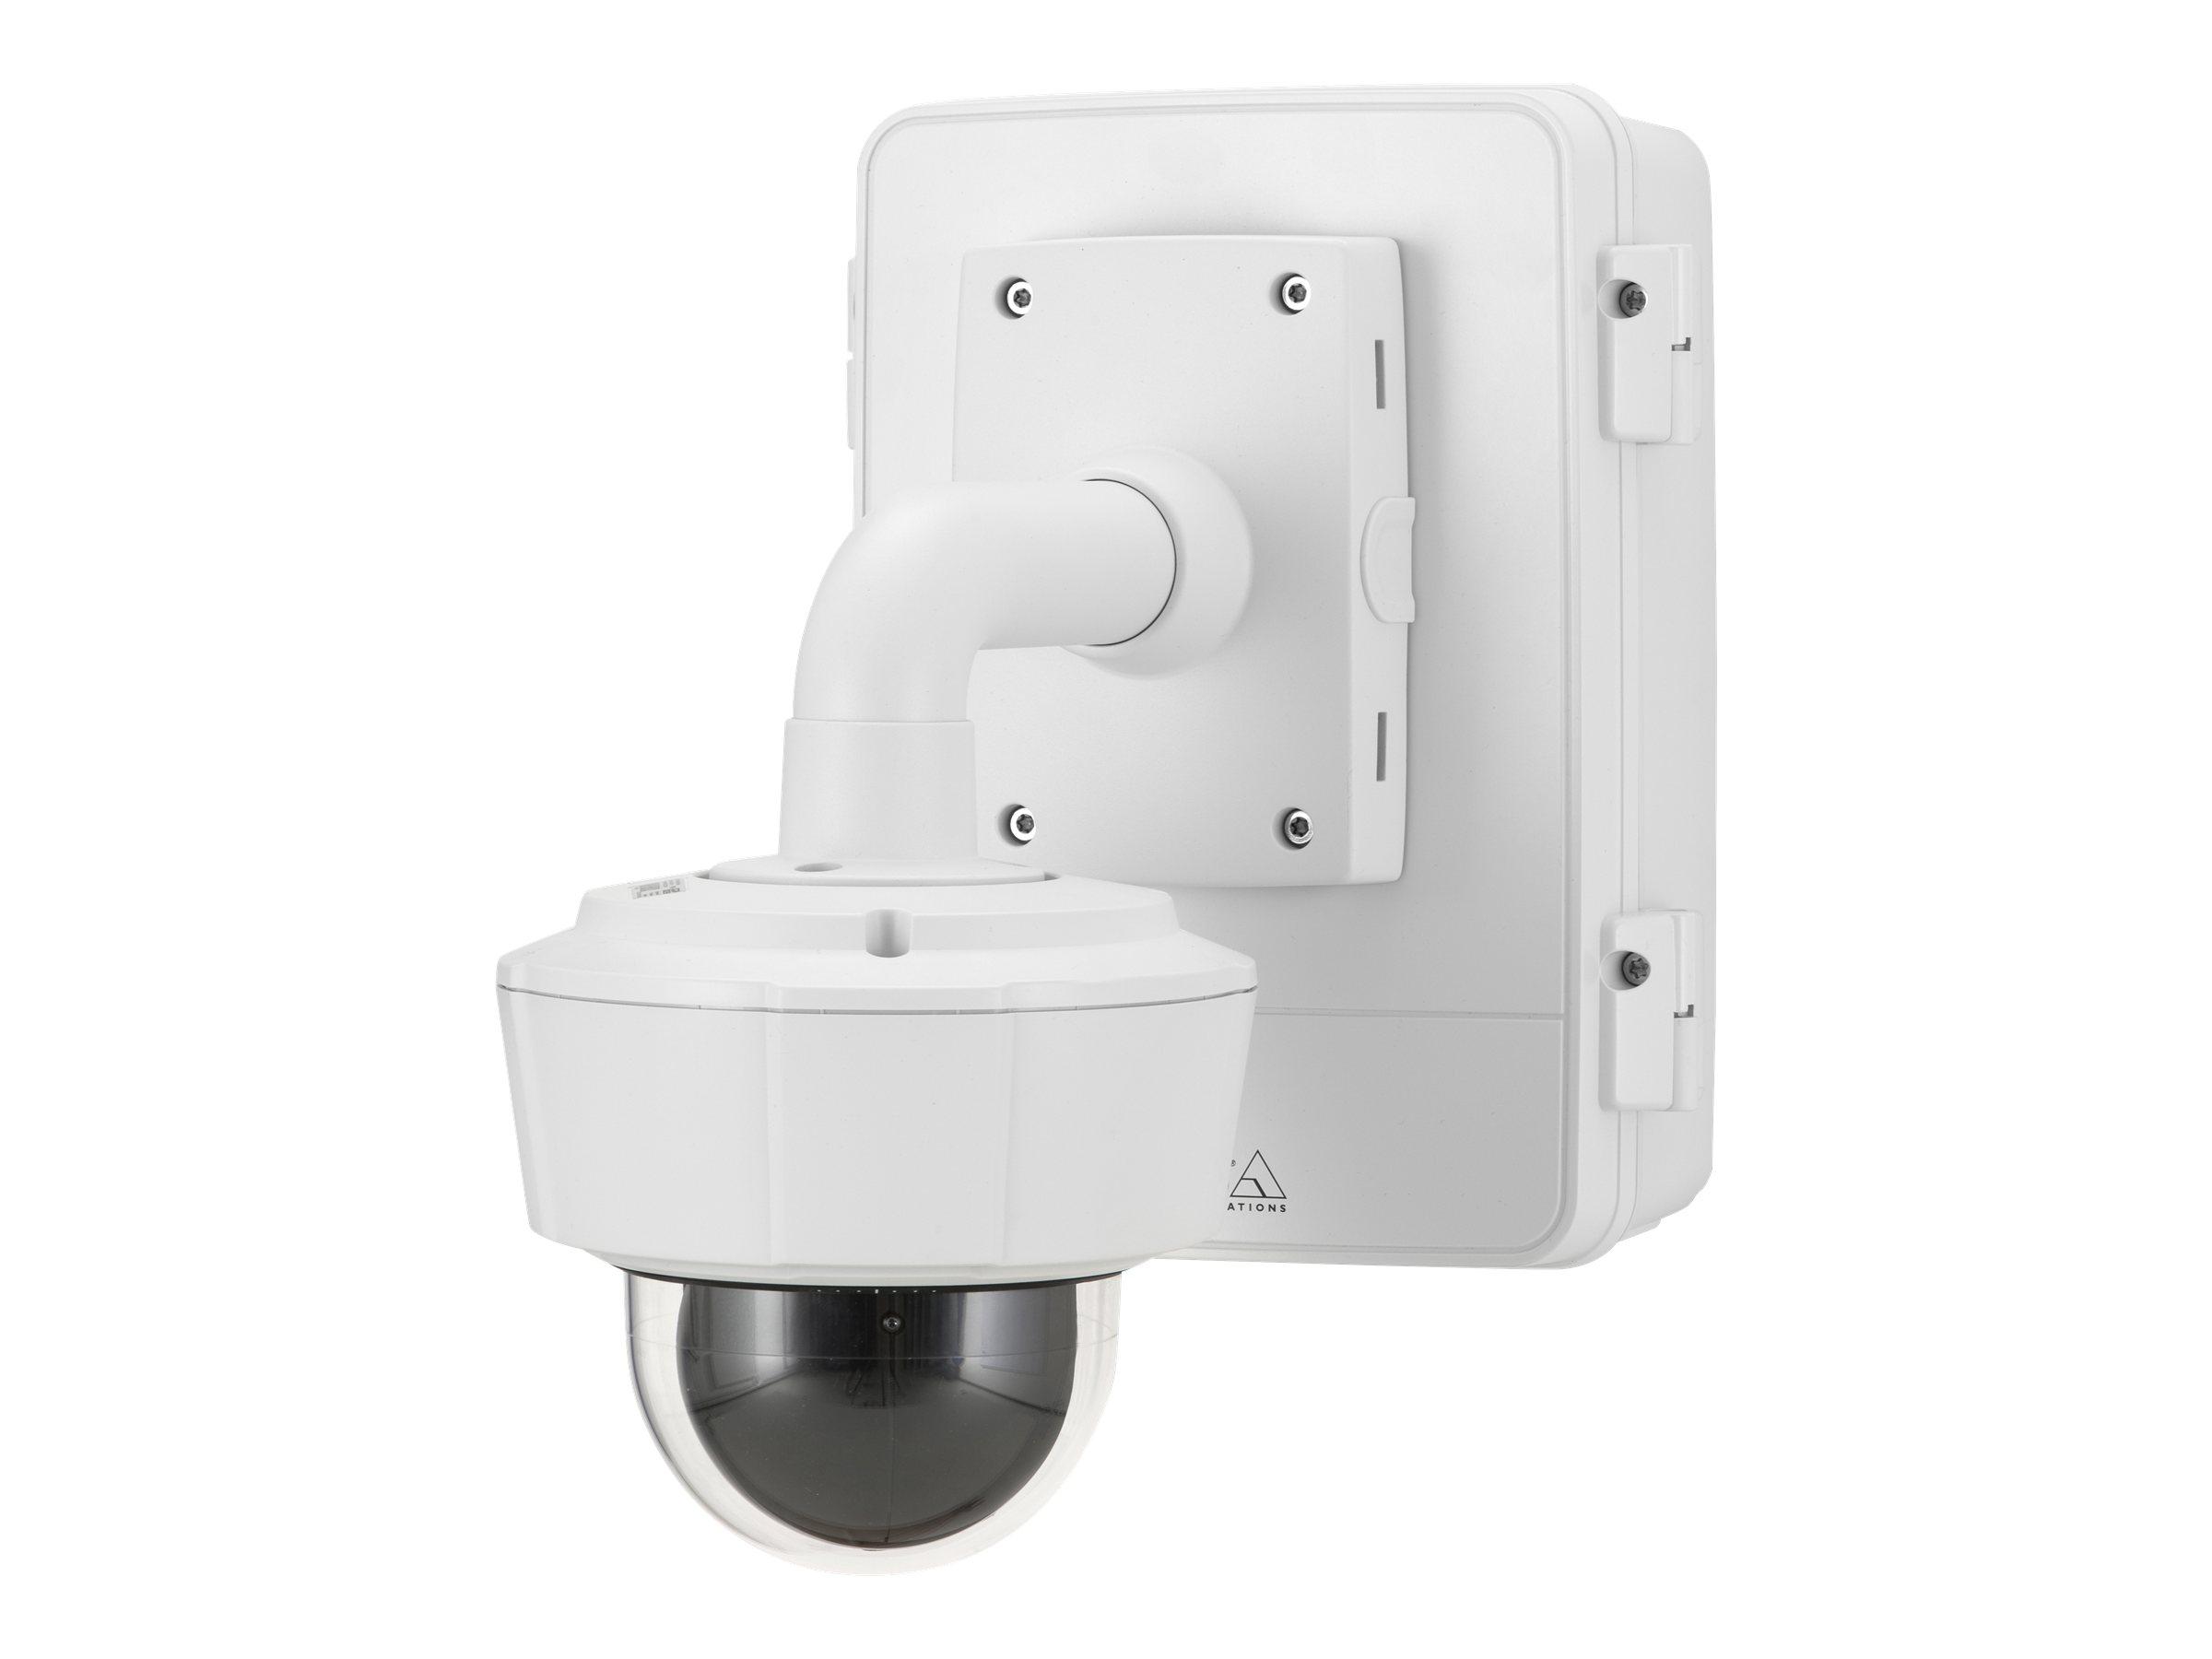 AXIS T98A18-VE Surveillance - Gehäuse - geeignet für Wandmontage - Innenbereich, Aussenbereich - weiss